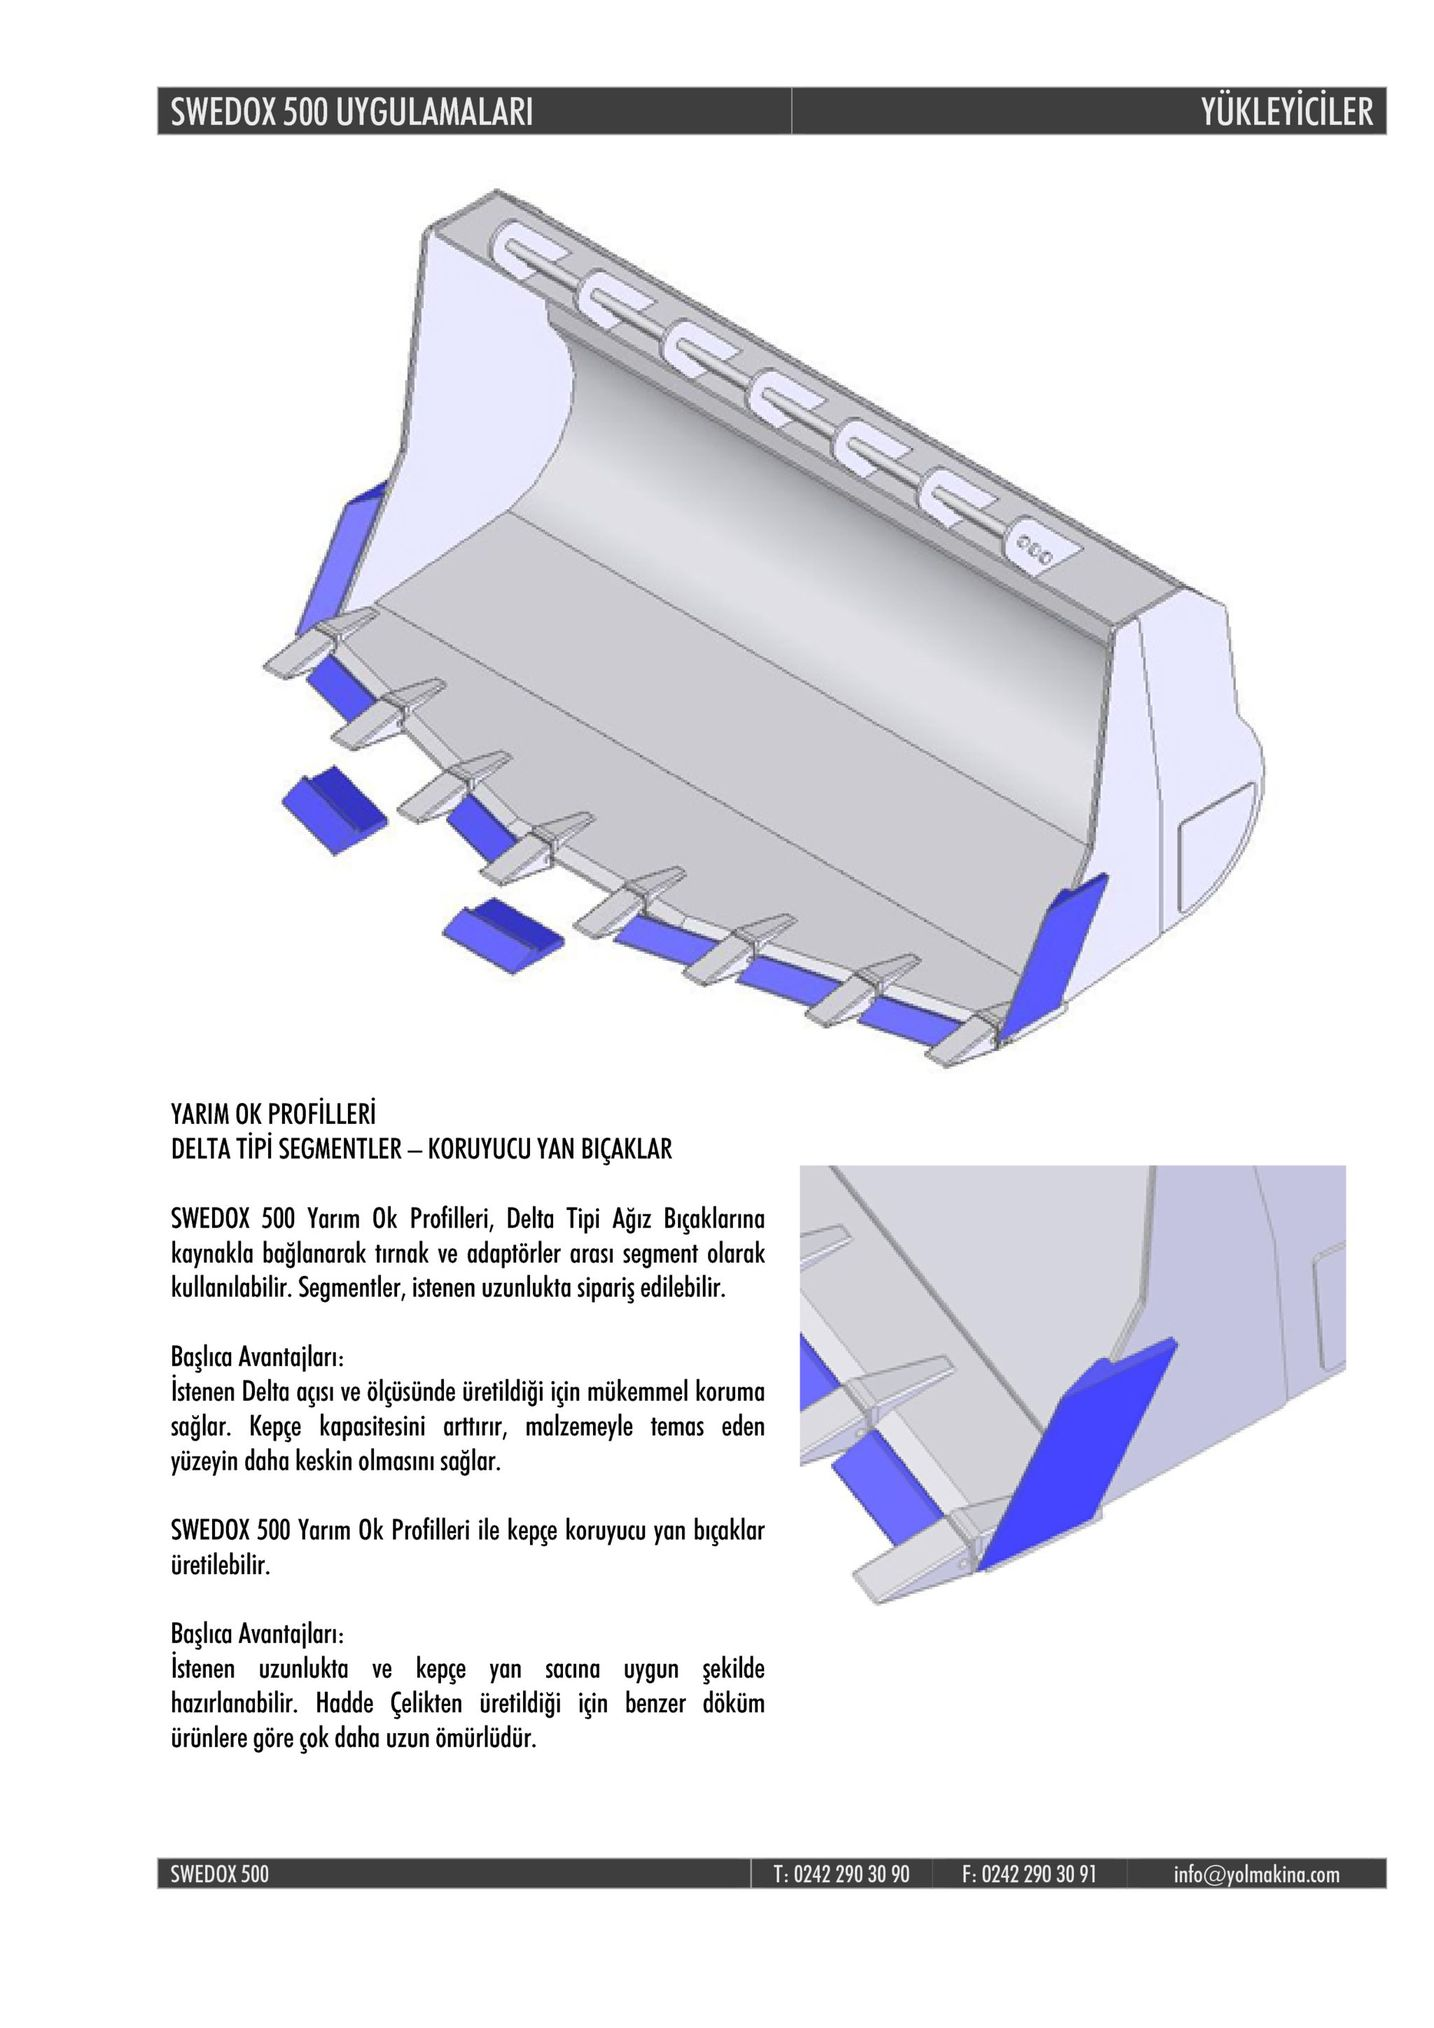 swedox 500 uygulamalar yukleyiciler yarim ok profilleri delta tipi segmentler-koruyucu yan bicaklar swedox 500 yarım ok profilleri, delta tipi ağız biçaklarina kaynakla bağlanarak tırnak ve adaptörler arası segment olarak kullanılabilir. segmentler, istenen uzunlukta sipariş edilebilir. başlıca avantajları istenen delta açısı ve ölüsünde üretildiği için mükemmel koruma sağlar. kepçe kapasitesini arttırir, malzemeyle temas eden yuzeyin daha keskin olmasini saglar. swedox 500 yarim ok profilleri ile kepce koruyucu yan biçaklar üretilebilir. baslica avantailari istenen uzunlukta ve kepçe yan sacina uygun şekilde hazırlanabilir. hadde çelikten üretildiği için benzer döküm ürünlere göre çok daha uzun ömürlüdür. swedox 500 t: 0242 290 30 90 f: 0242 290 30 91 info@yolmakina.com